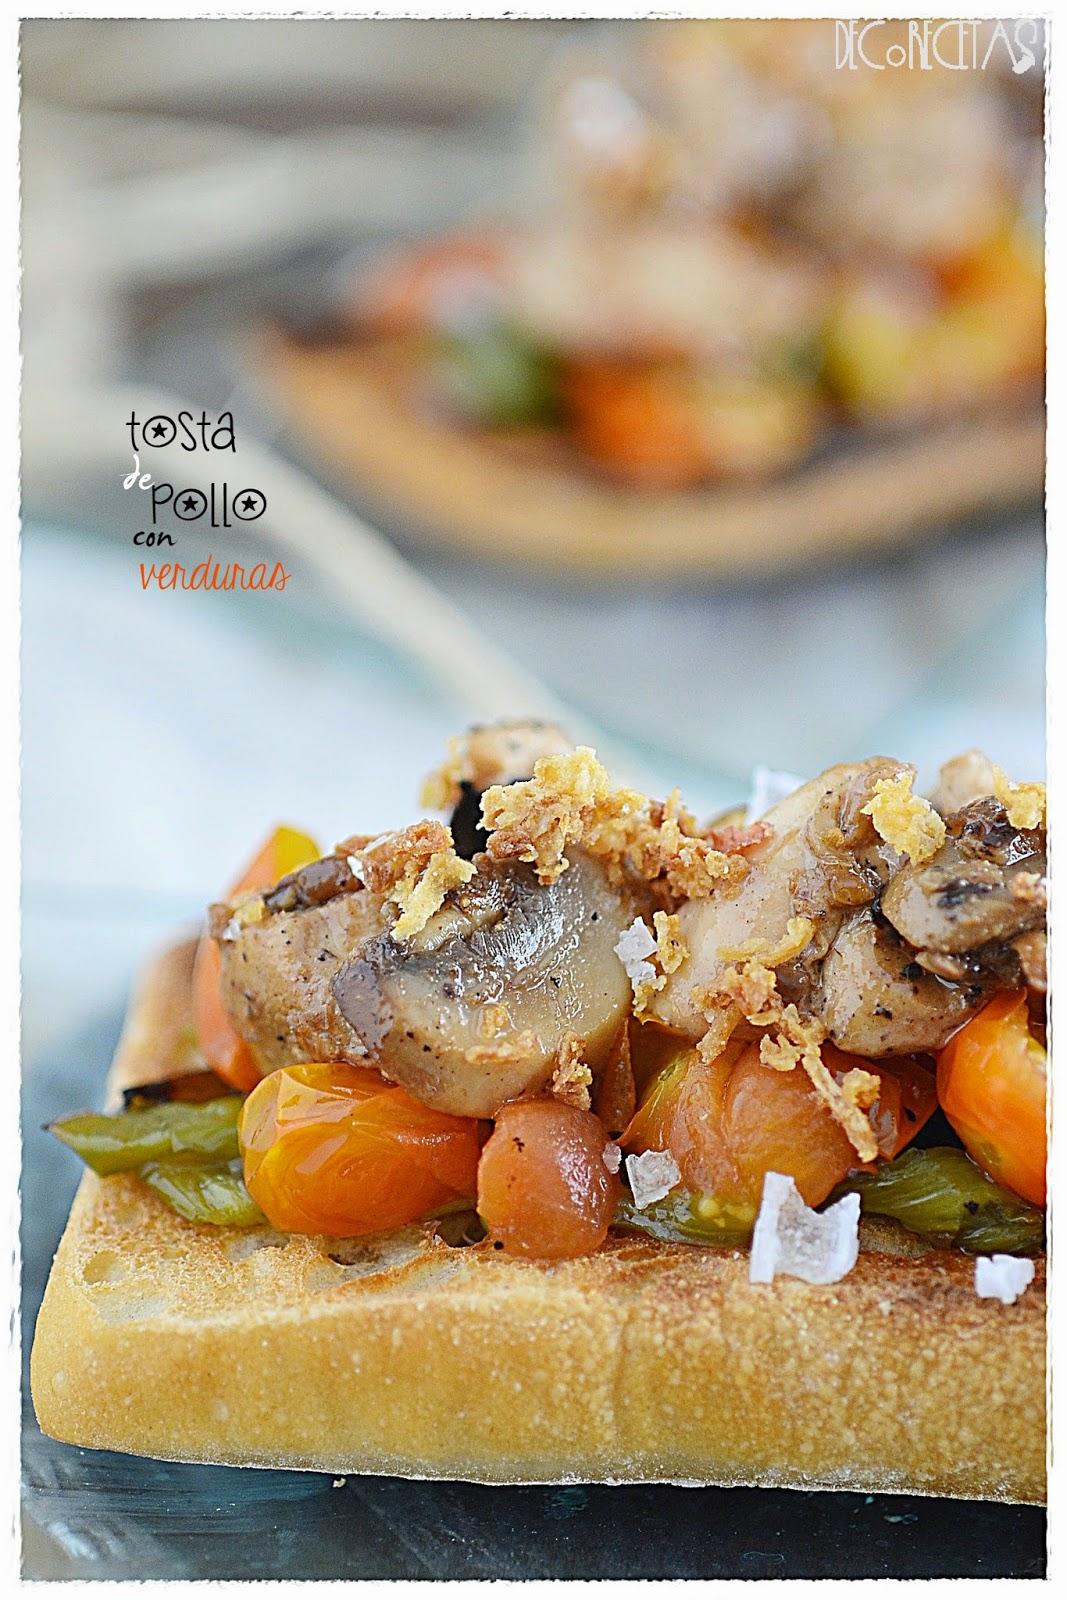 tosta de pollo con verduras